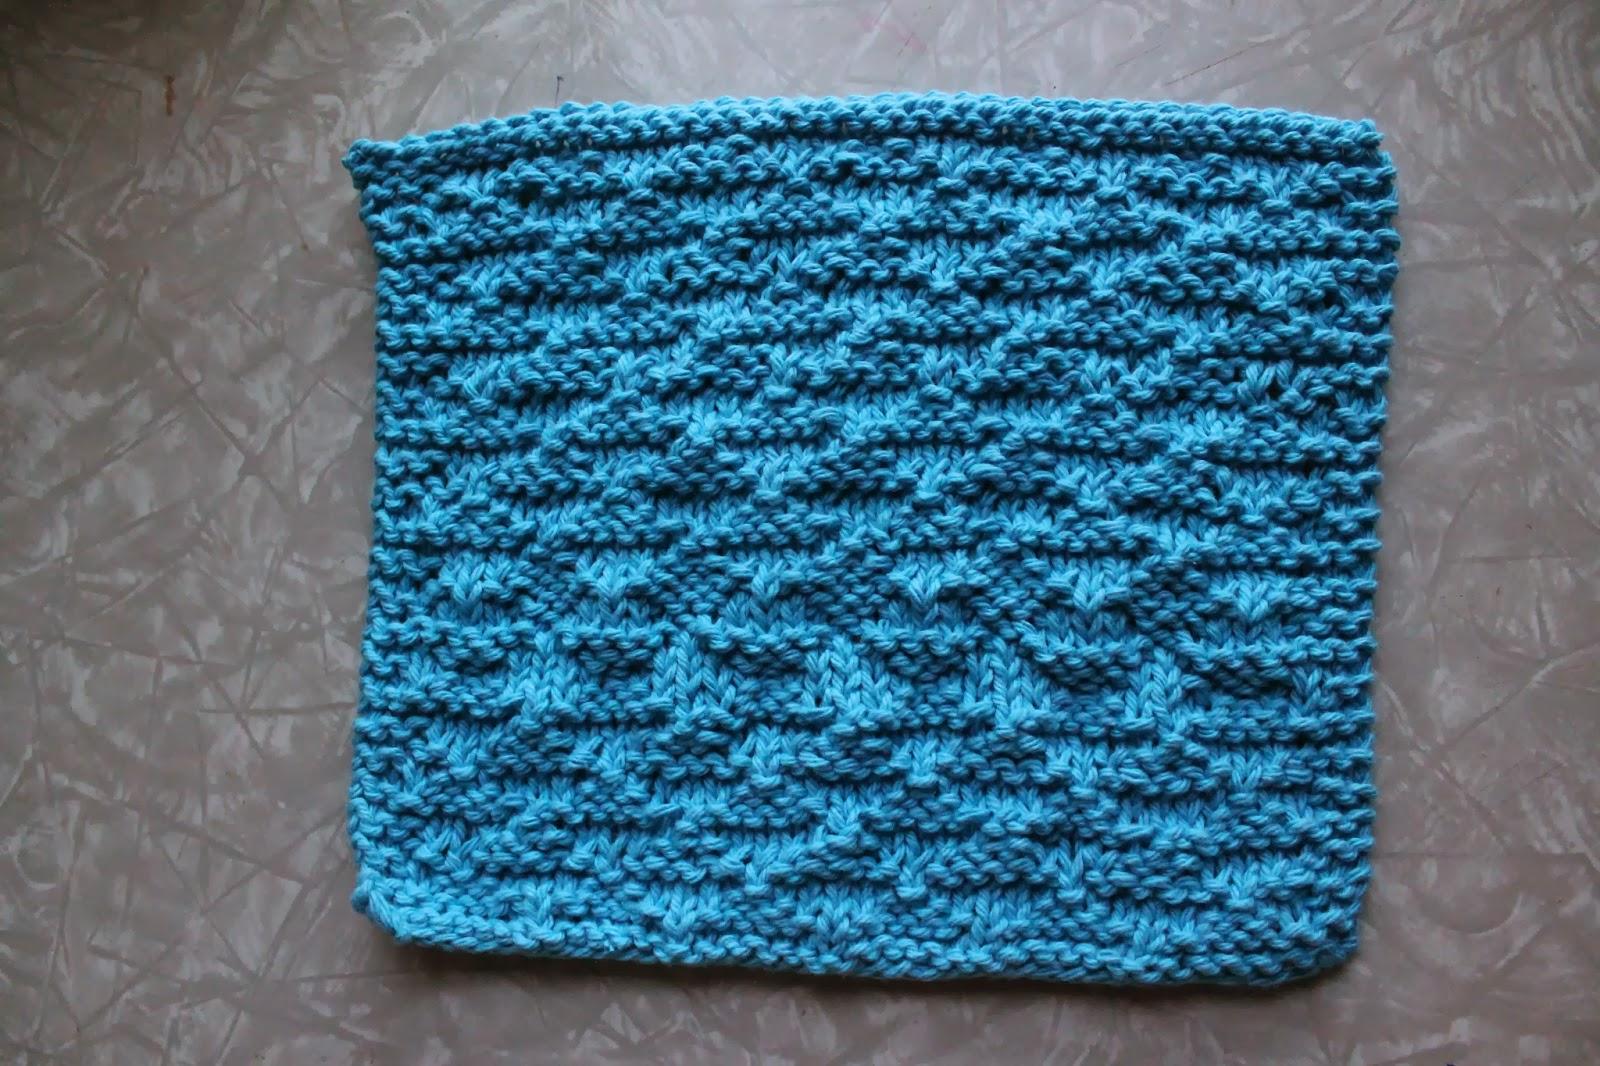 ... at Leisure: Weekly Dishcloth: Knitting the Small Pyramids Dishcloths